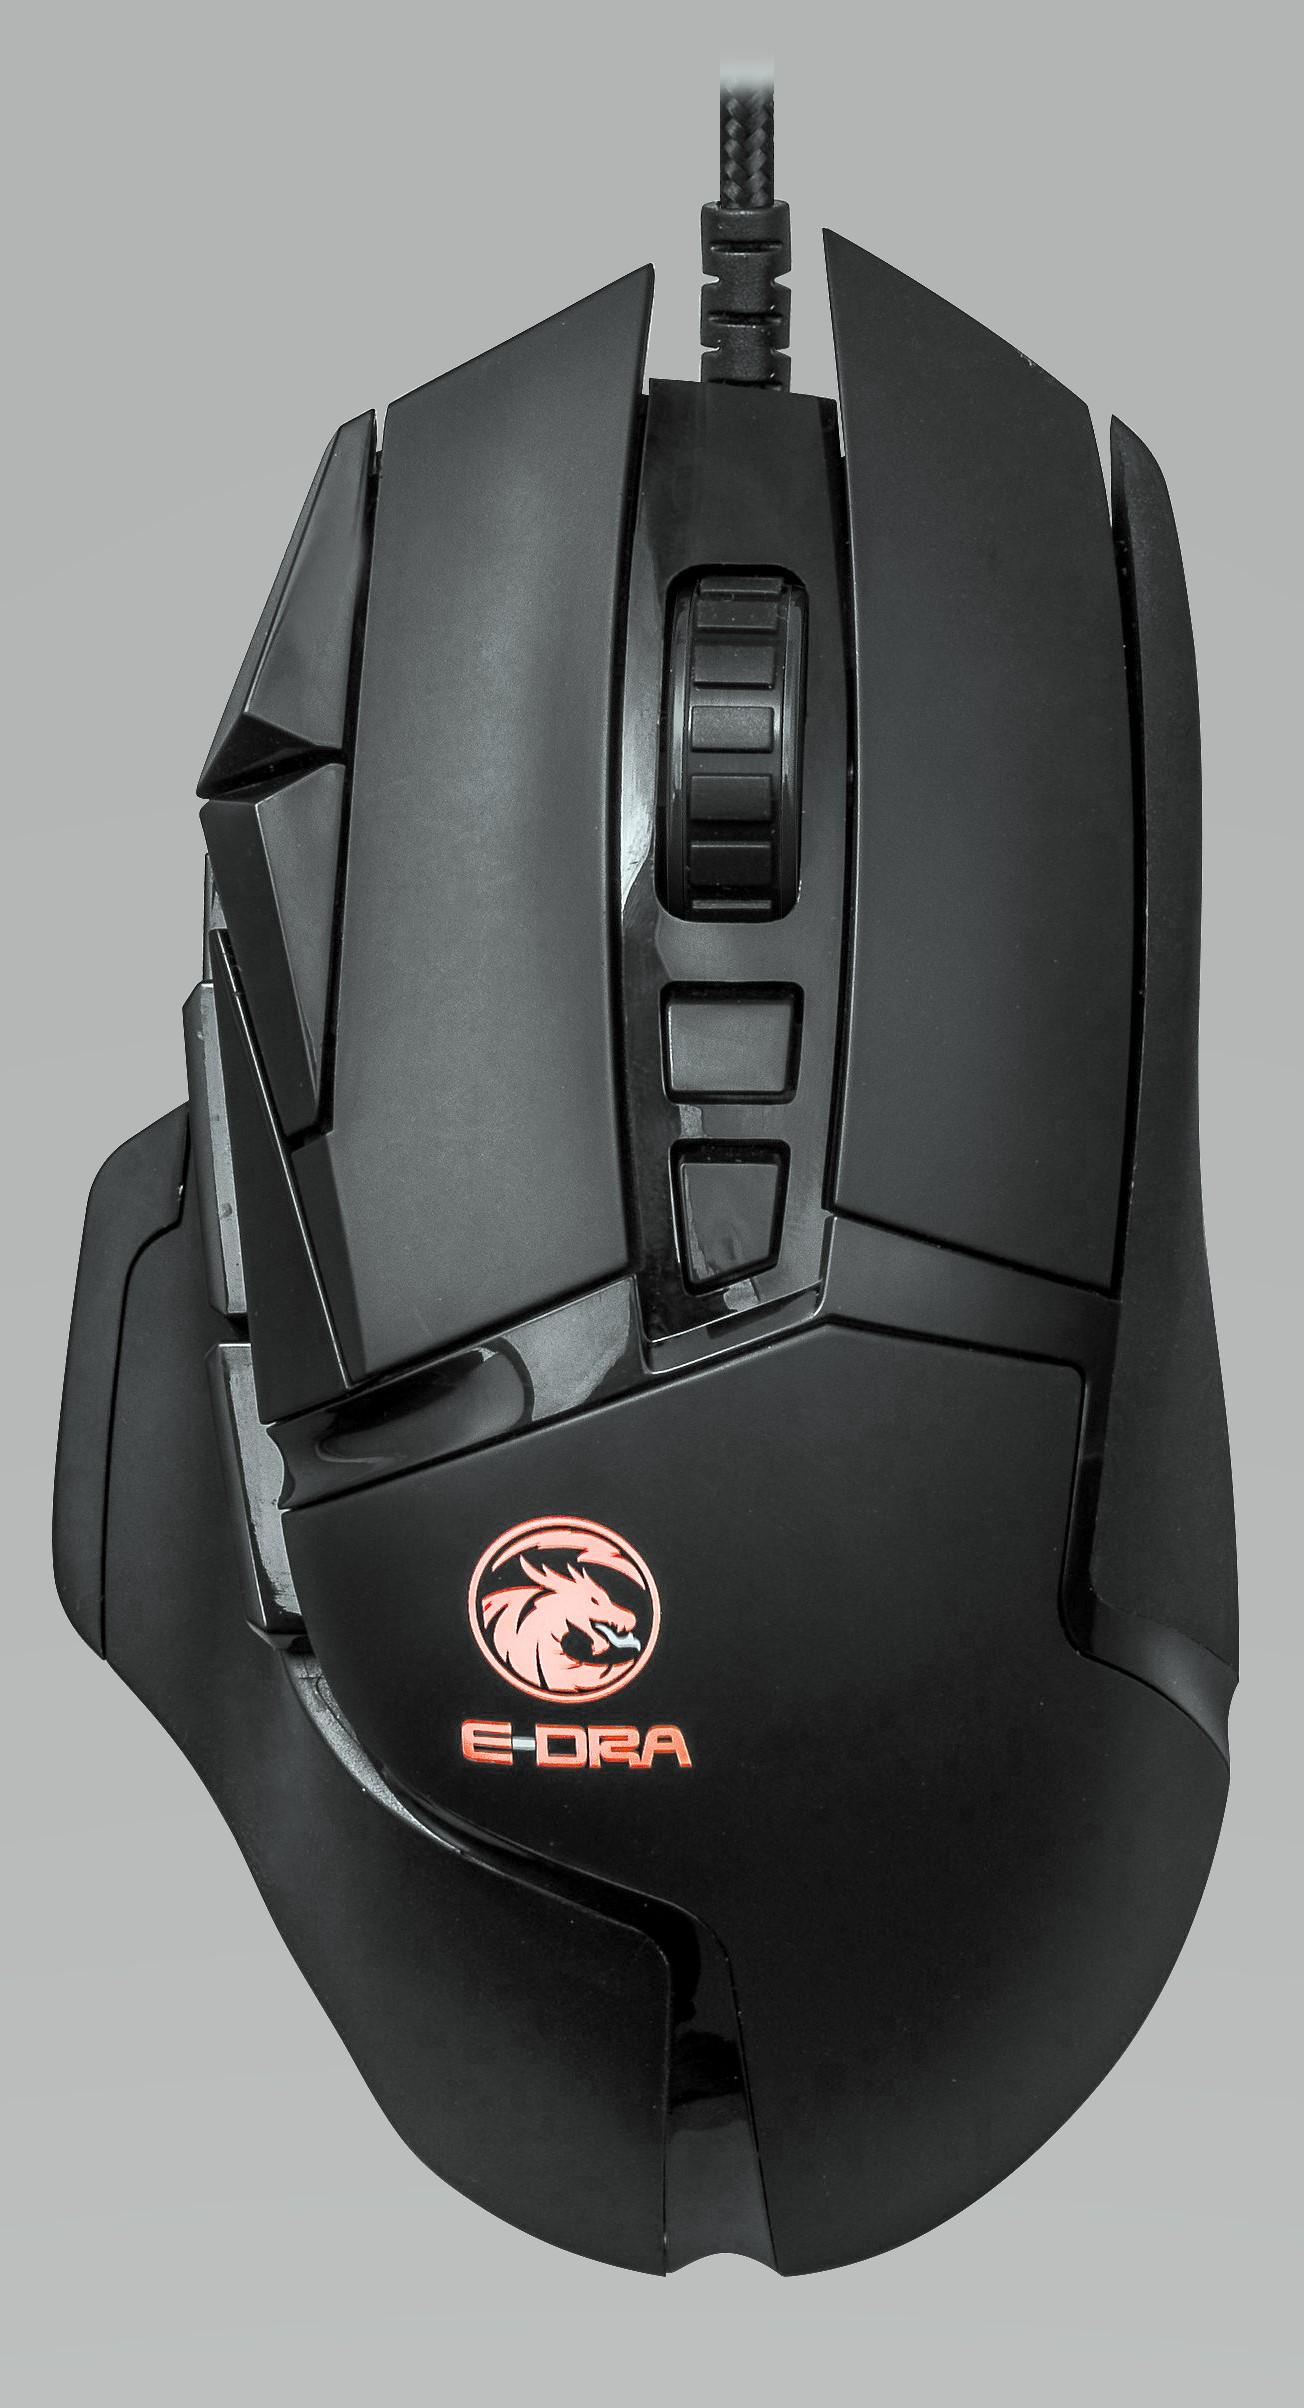 Chuột chơi game E-DRA EM6502